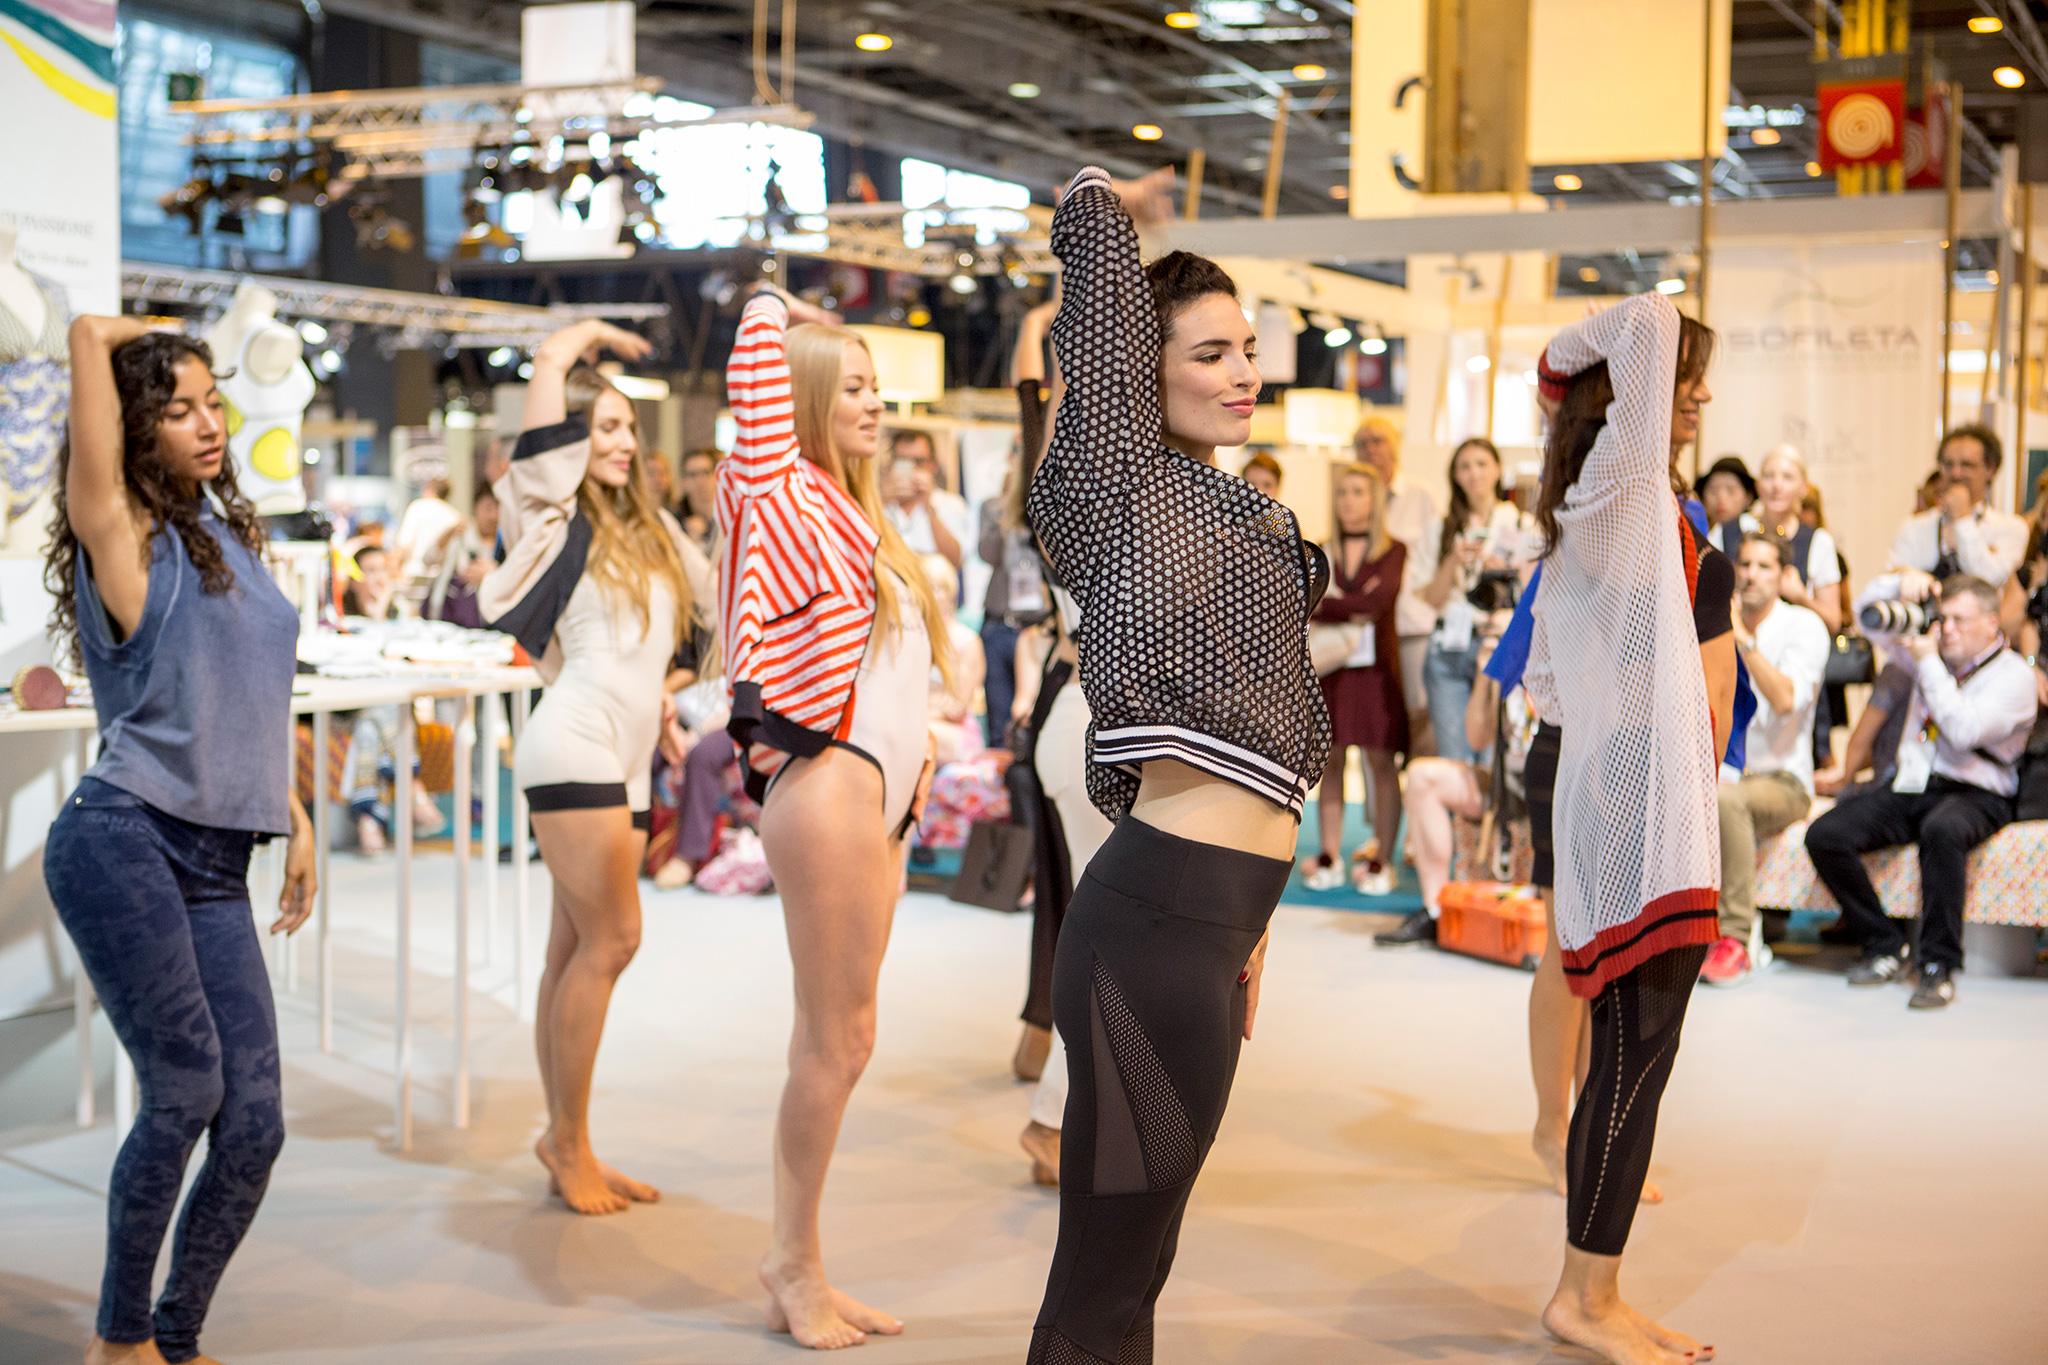 Momenti di Passione Fashion Show, Image ©Angel's Sea Studio, Courtesy of Eurovet